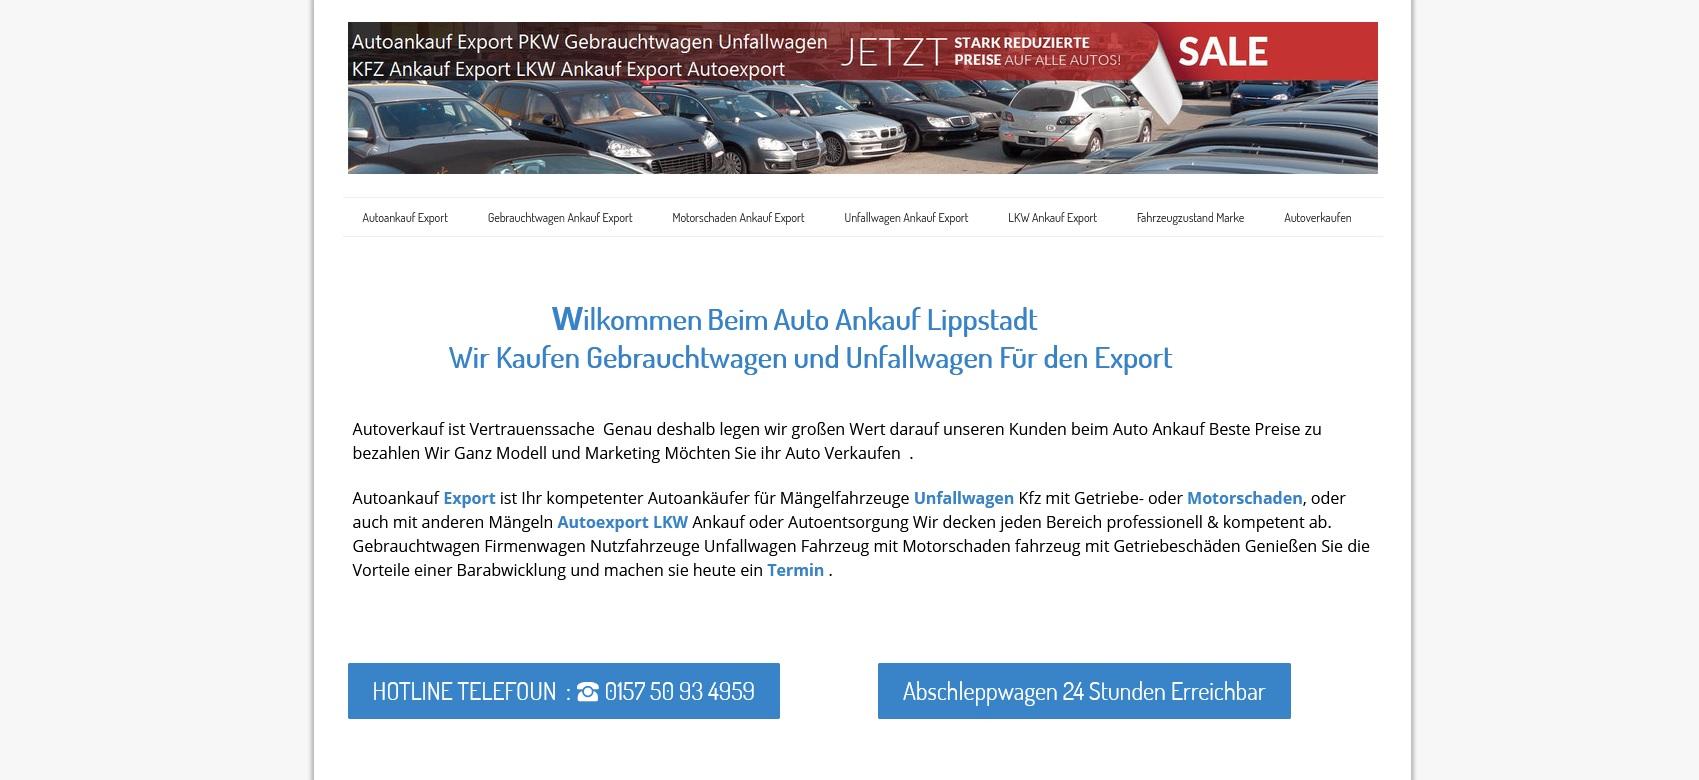 Kfz-Ankauf-Export Lippstadt